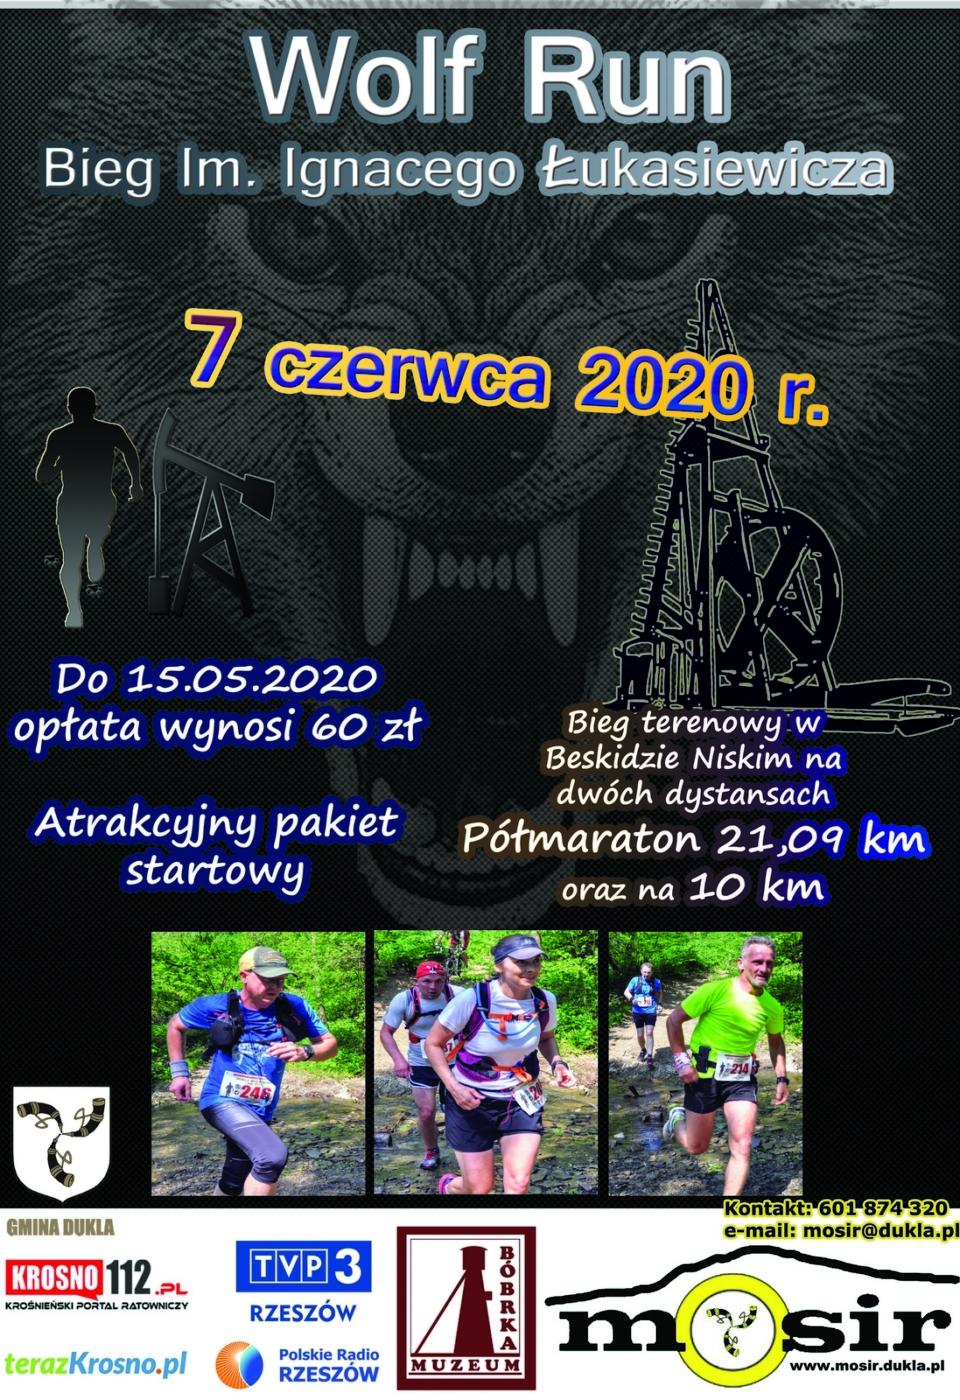 Bieg Dukla Wolf Run 2020m